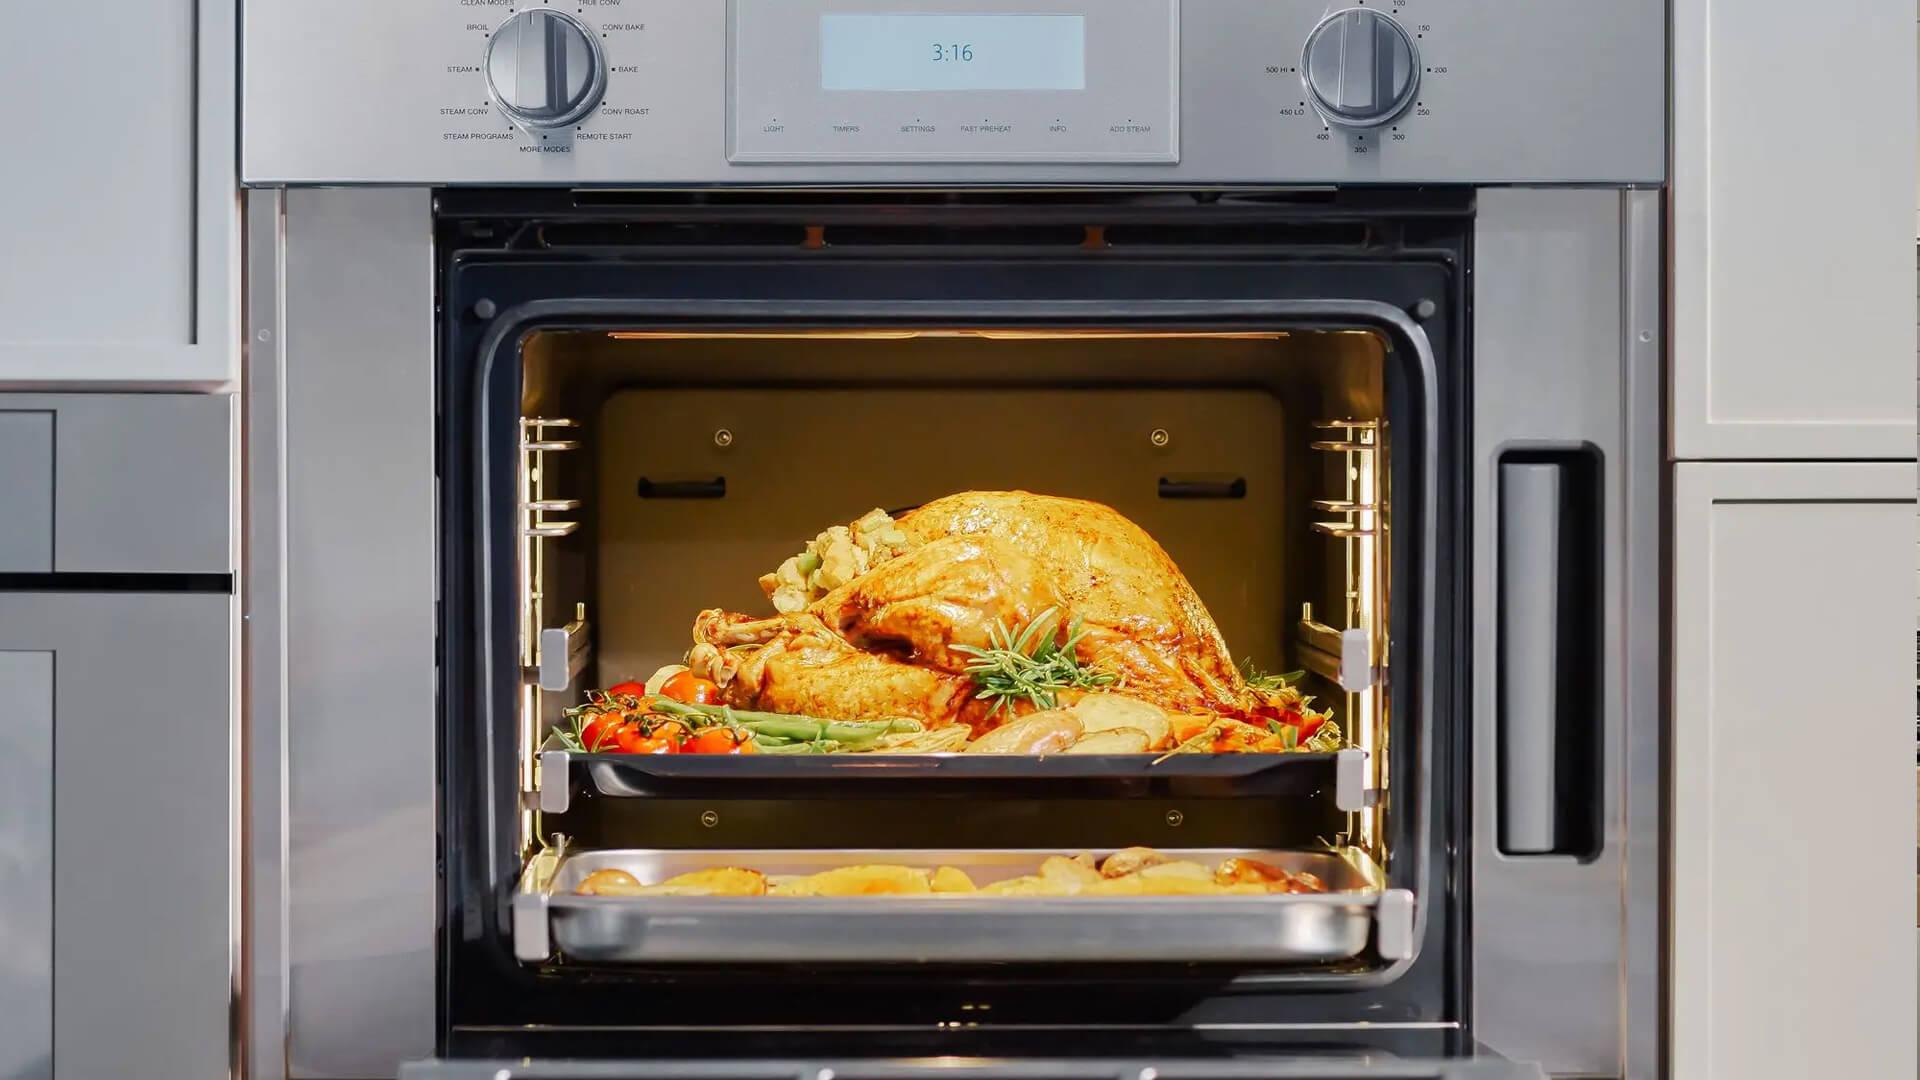 Thermador Oven Repair | Thermador Appliance Repair Pros